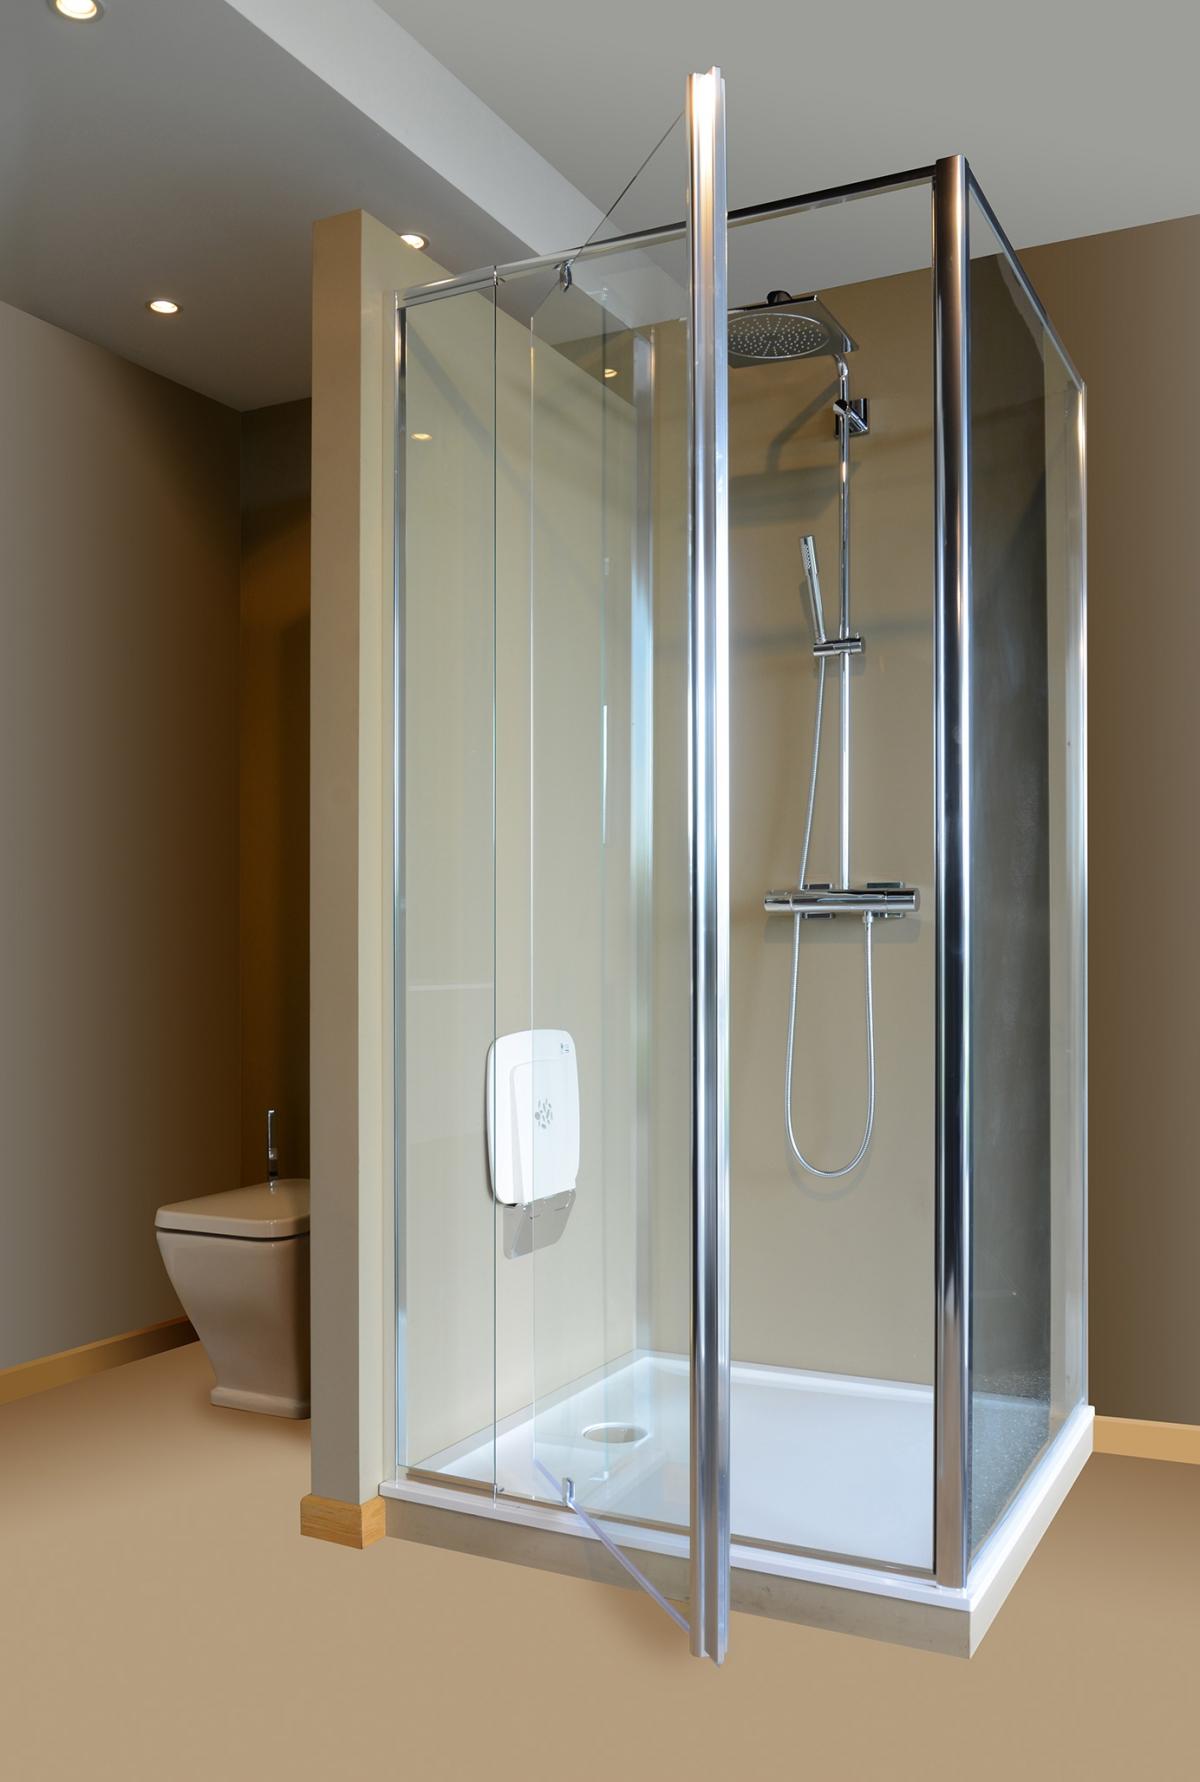 porte pivotante et paroi de douche flexlight zenid induscabel salle de bains chauffage et. Black Bedroom Furniture Sets. Home Design Ideas